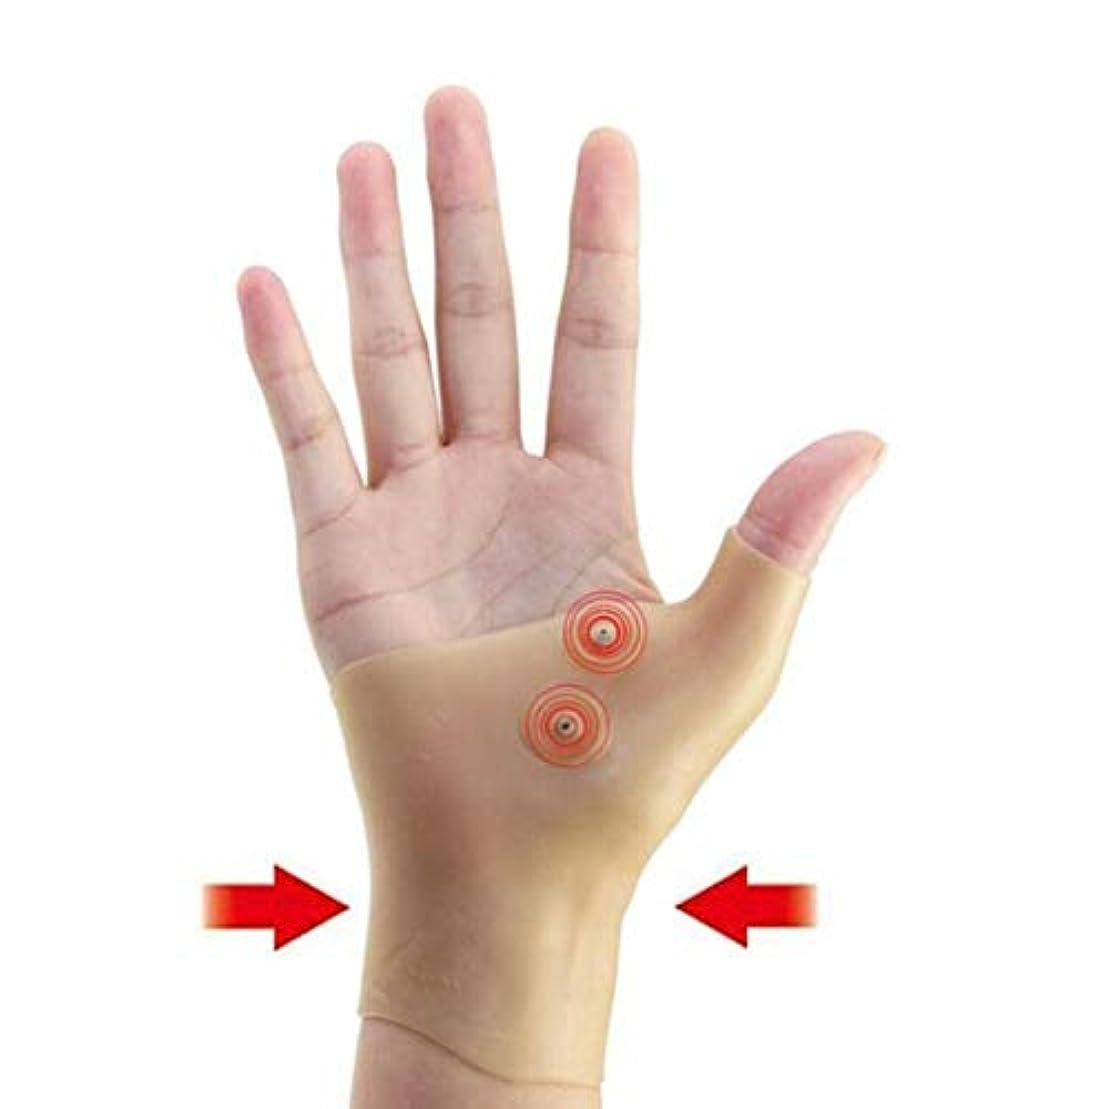 せせらぎ事故誰の磁気療法手首手親指サポート手袋シリコーンゲル関節炎圧力矯正器マッサージ痛み緩和手袋